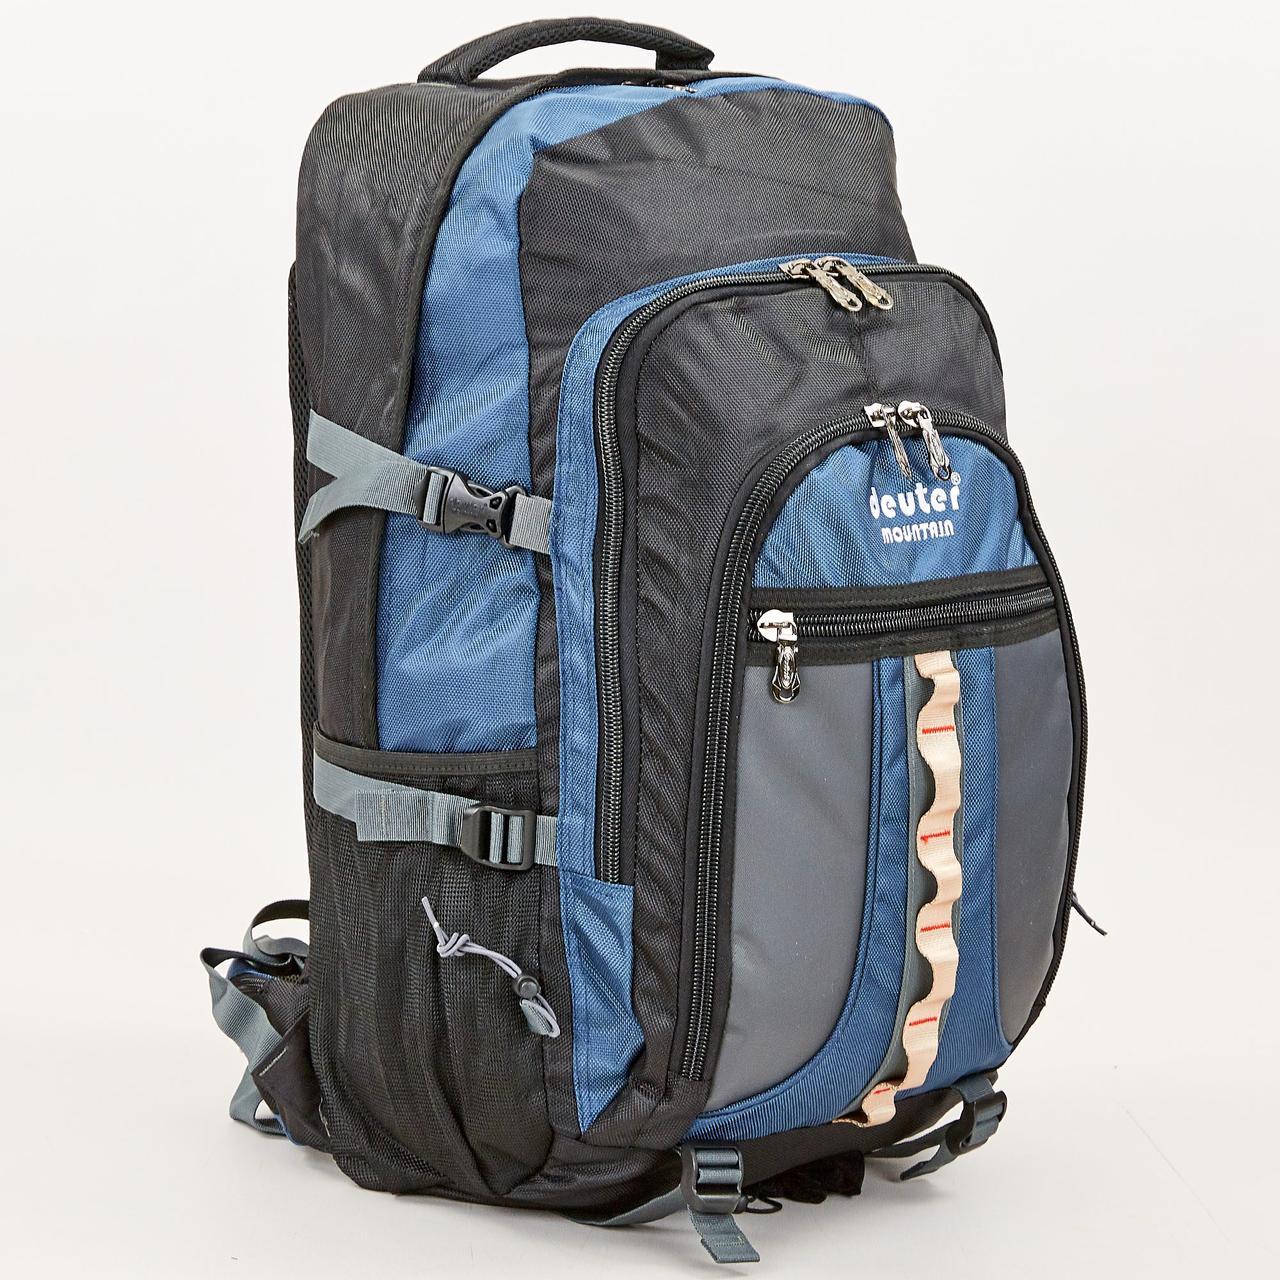 Рюкзак туристичний безкаркасний DTR 38 літрів 936 (поліестер, нейлон, розмір 60х36х18см, кольори в